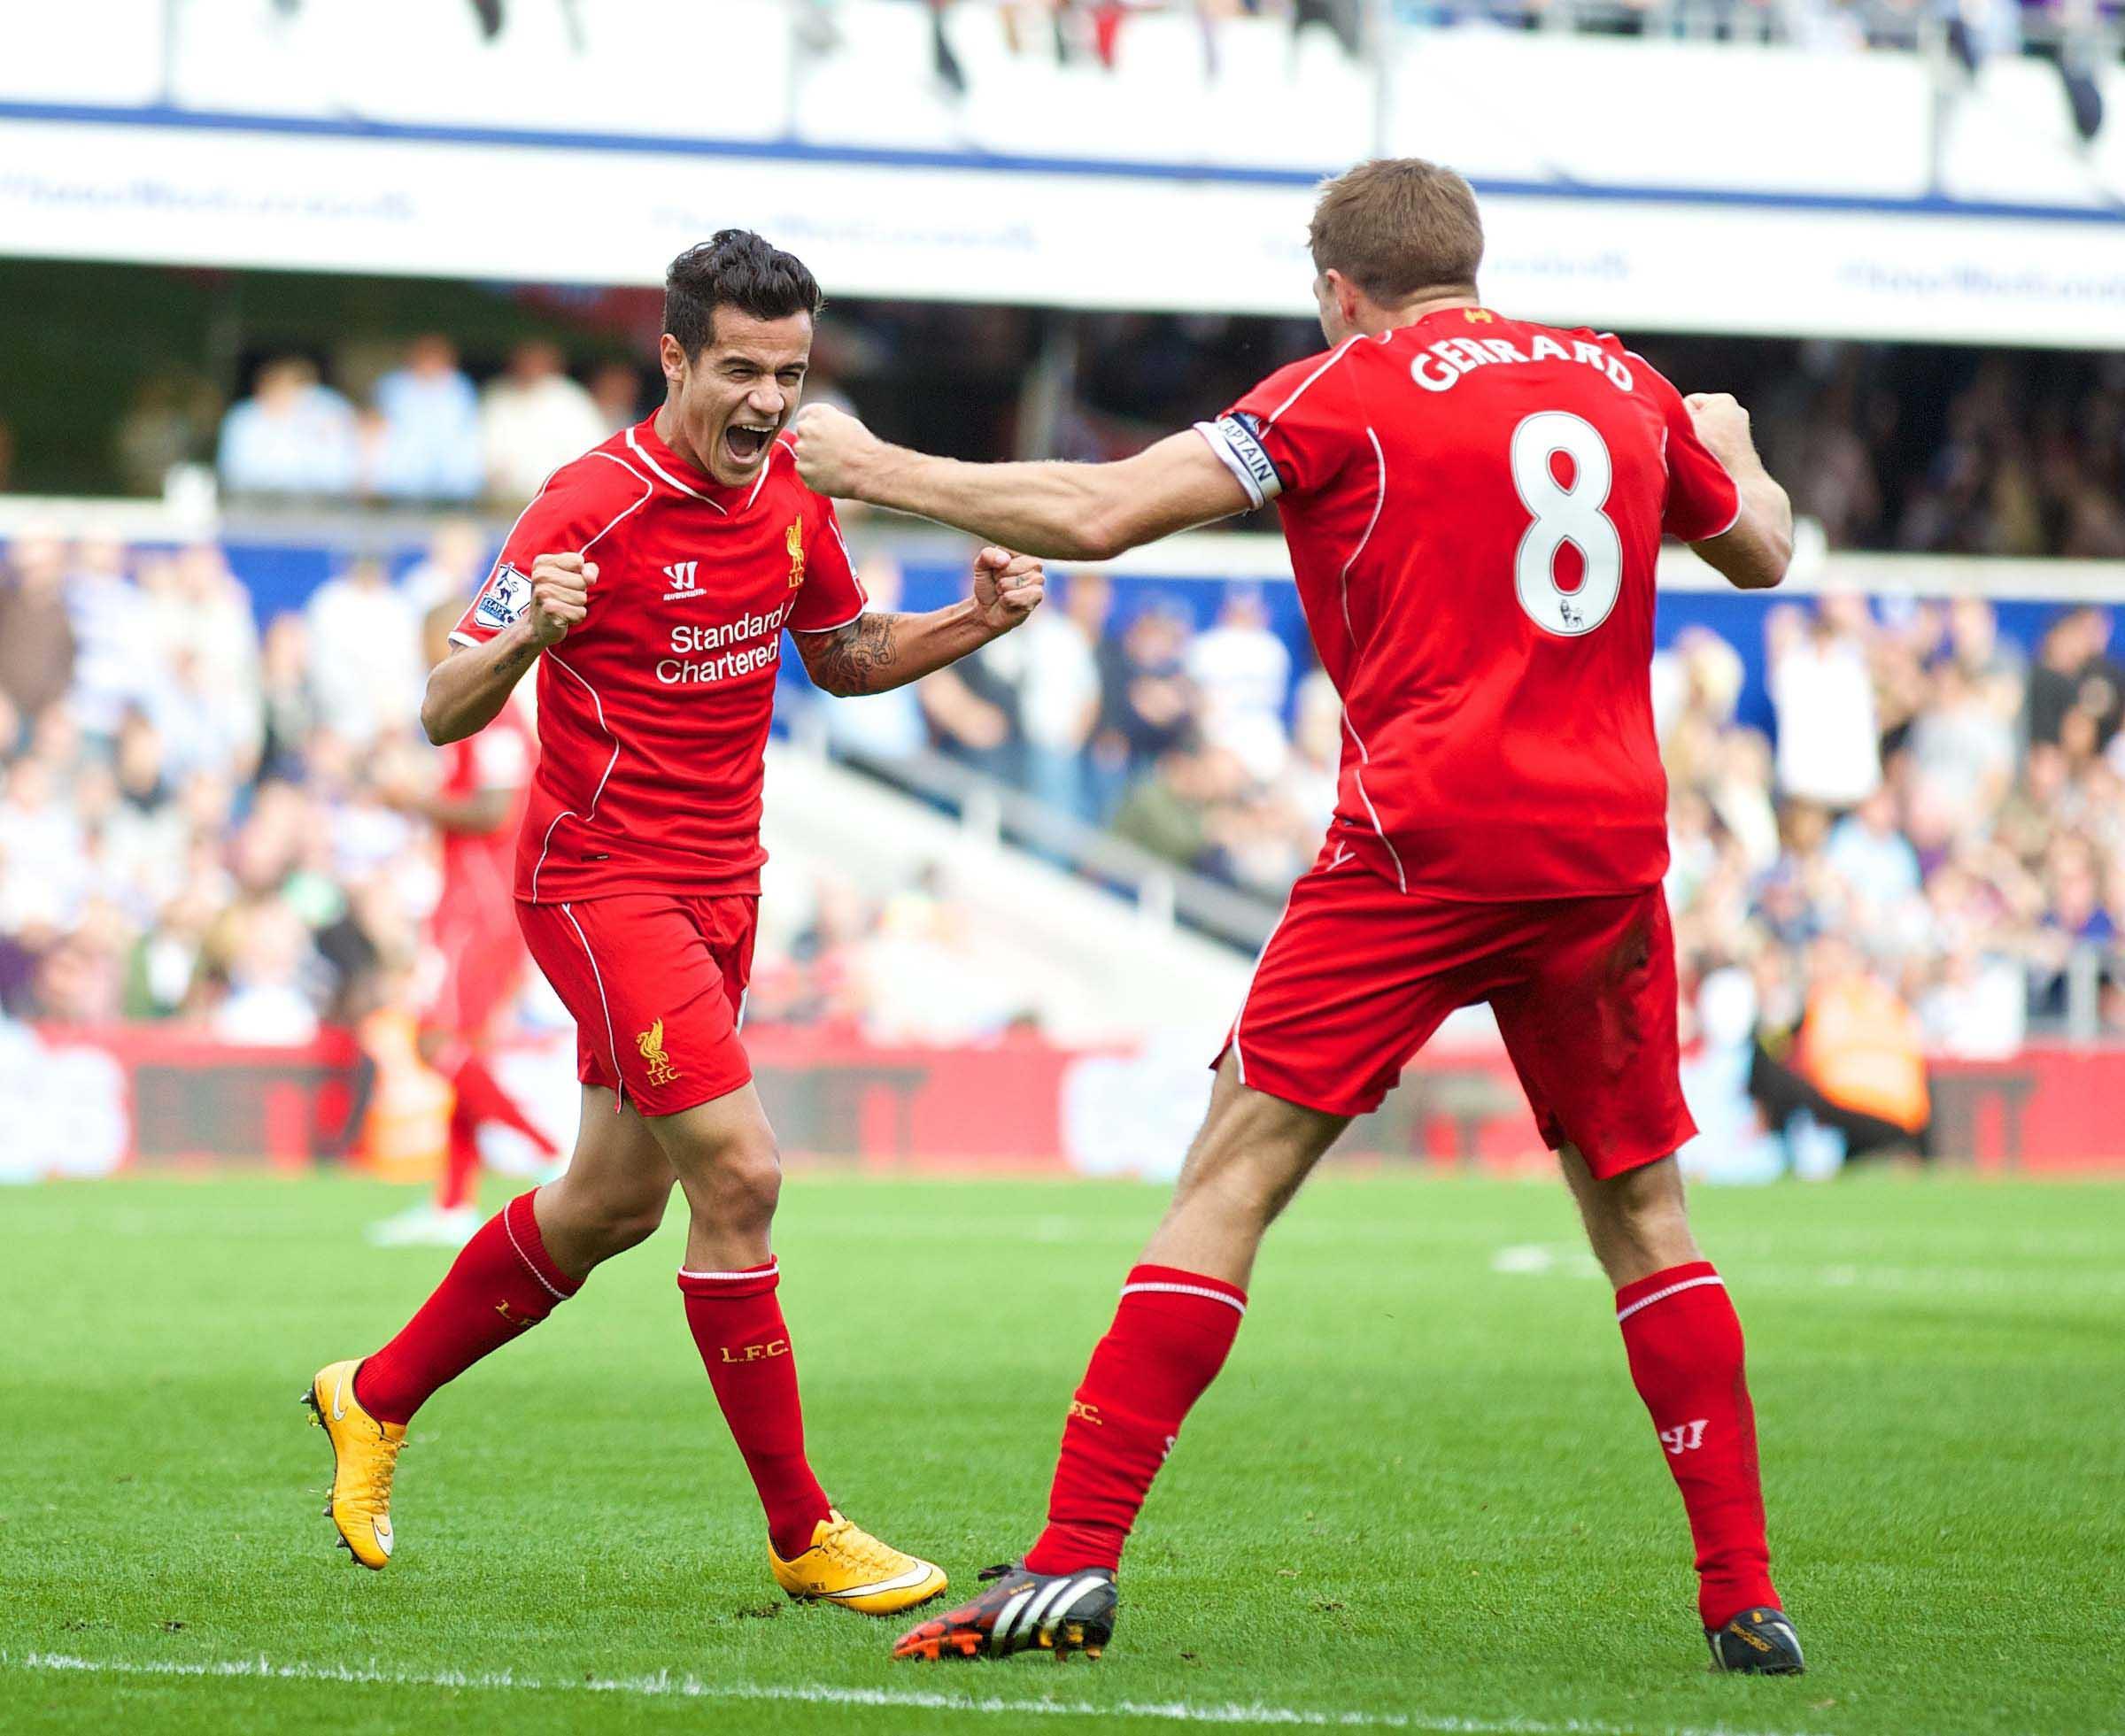 Football - FA Premier League - Queens Park Rangers FC v Liverpool FC